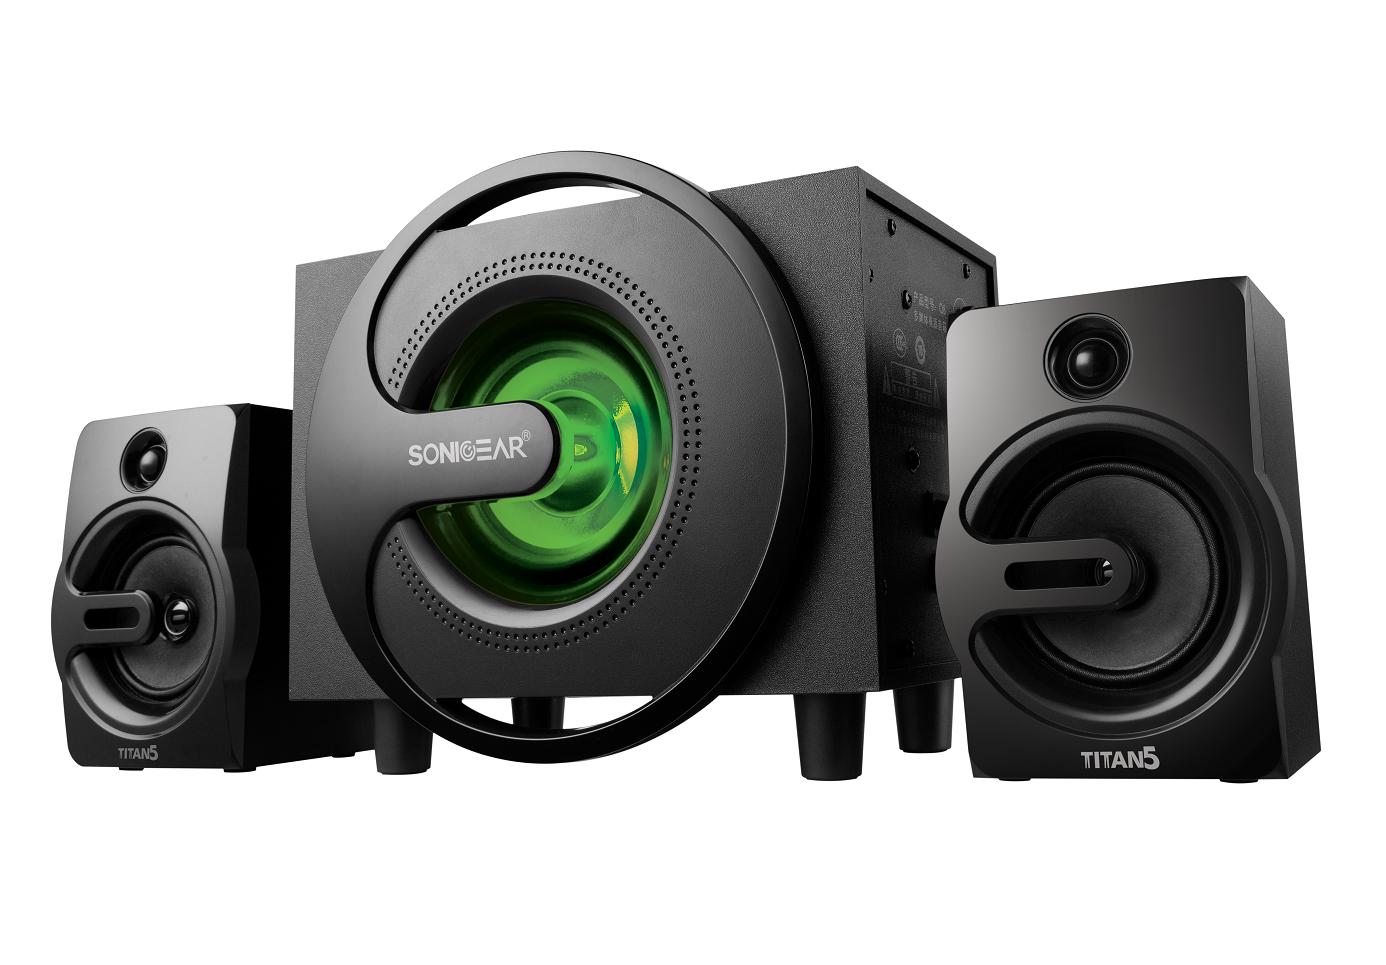 SonicGear Titan5 2.1 PC Speakers BT/USB/FM/LED 40W